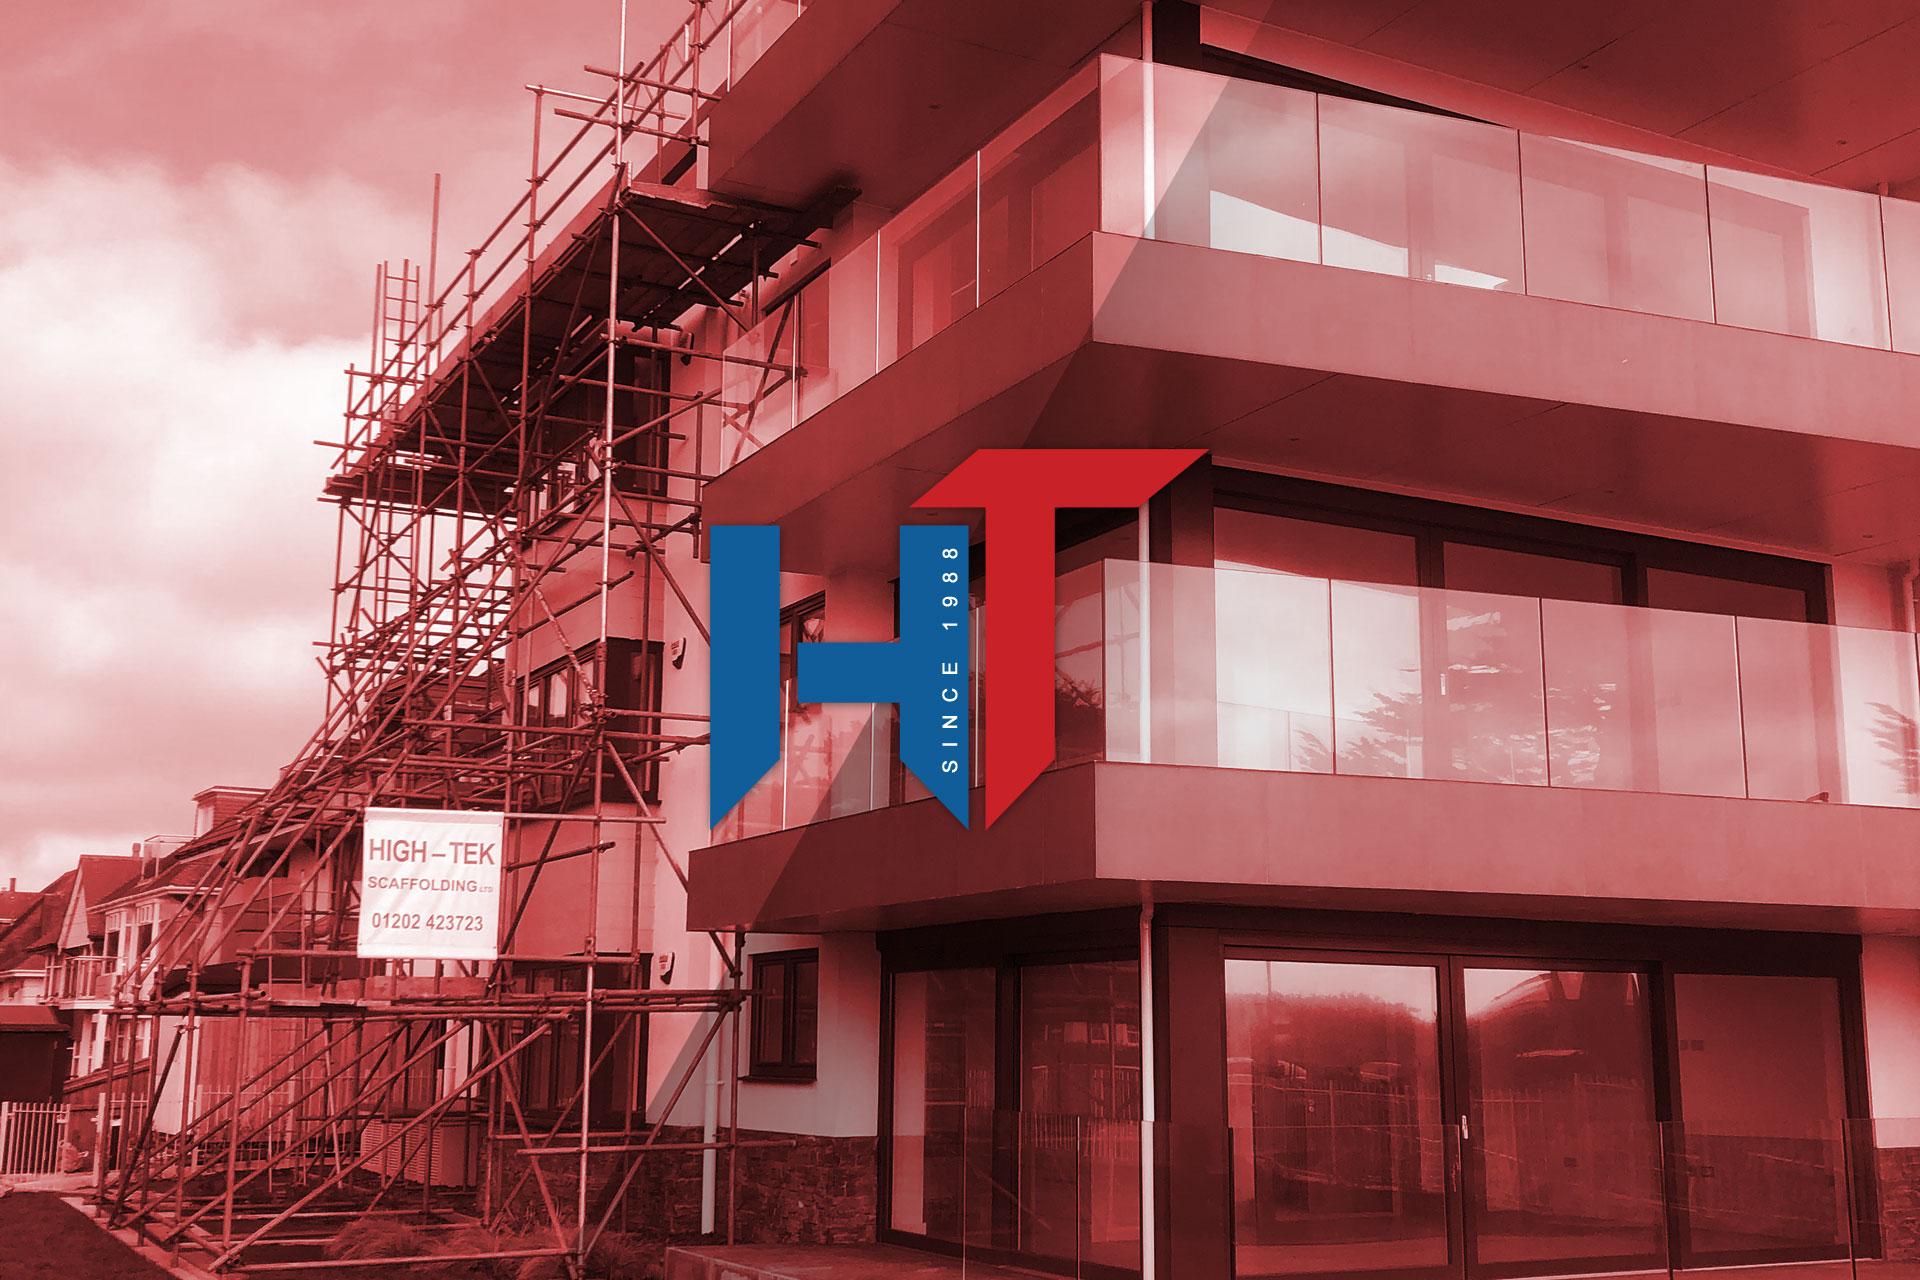 High-Tek Scaffolding Ltd - Slide Red Residential Dorset and Hampshire